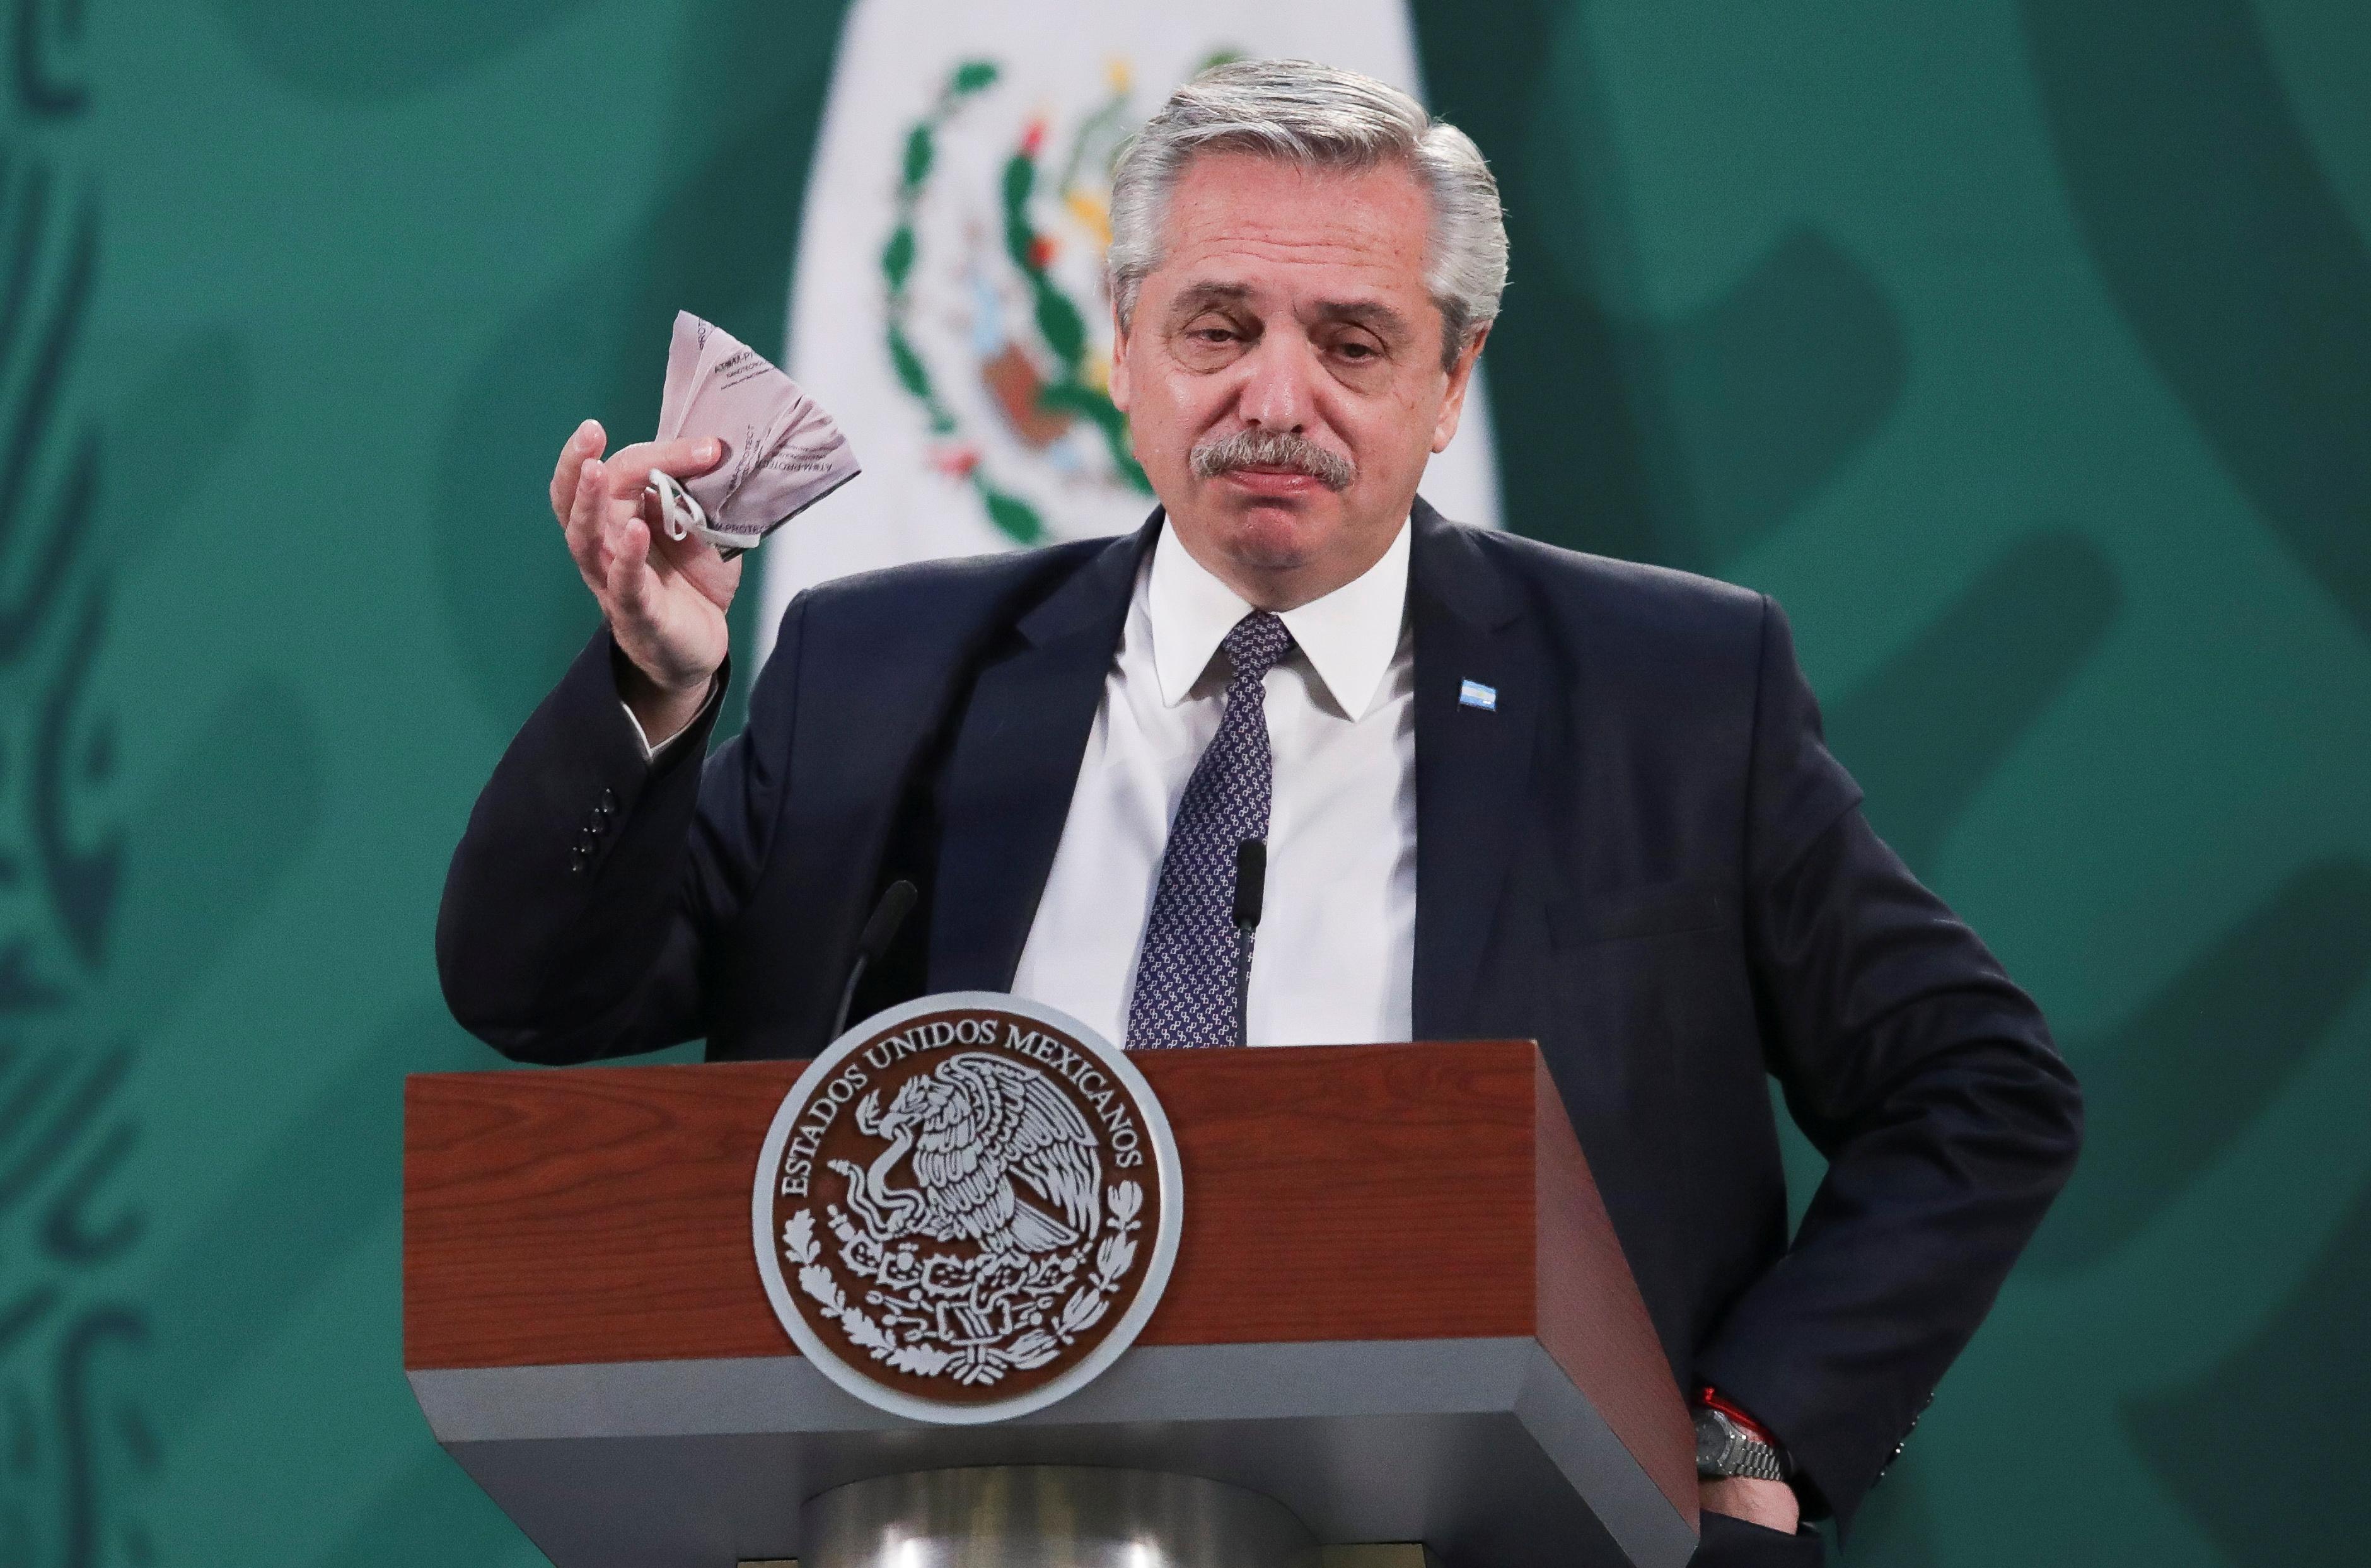 El presidente de Argentina, Alberto Fernández, sostiene una mascarilla durante una conferencia de prensa en el Palacio Nacional, en la Ciudad de México, México el 23 de febrero de 2021.